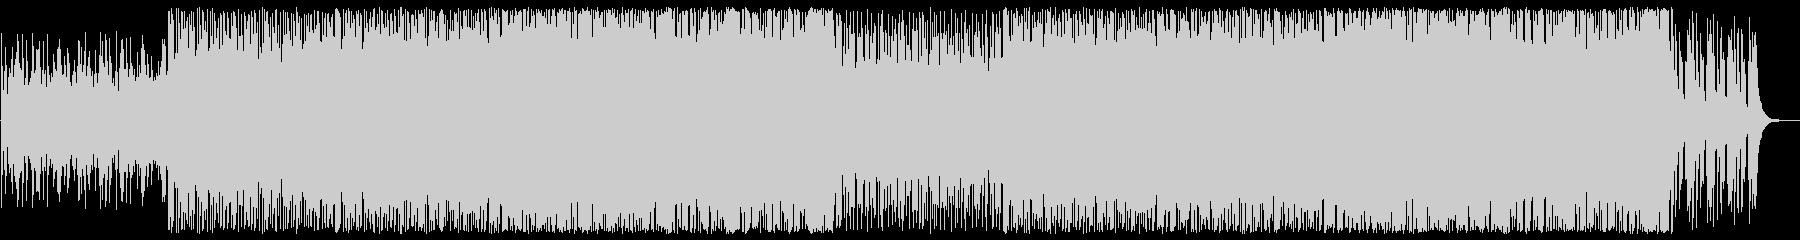 ピアノのラテン系ポップスの未再生の波形